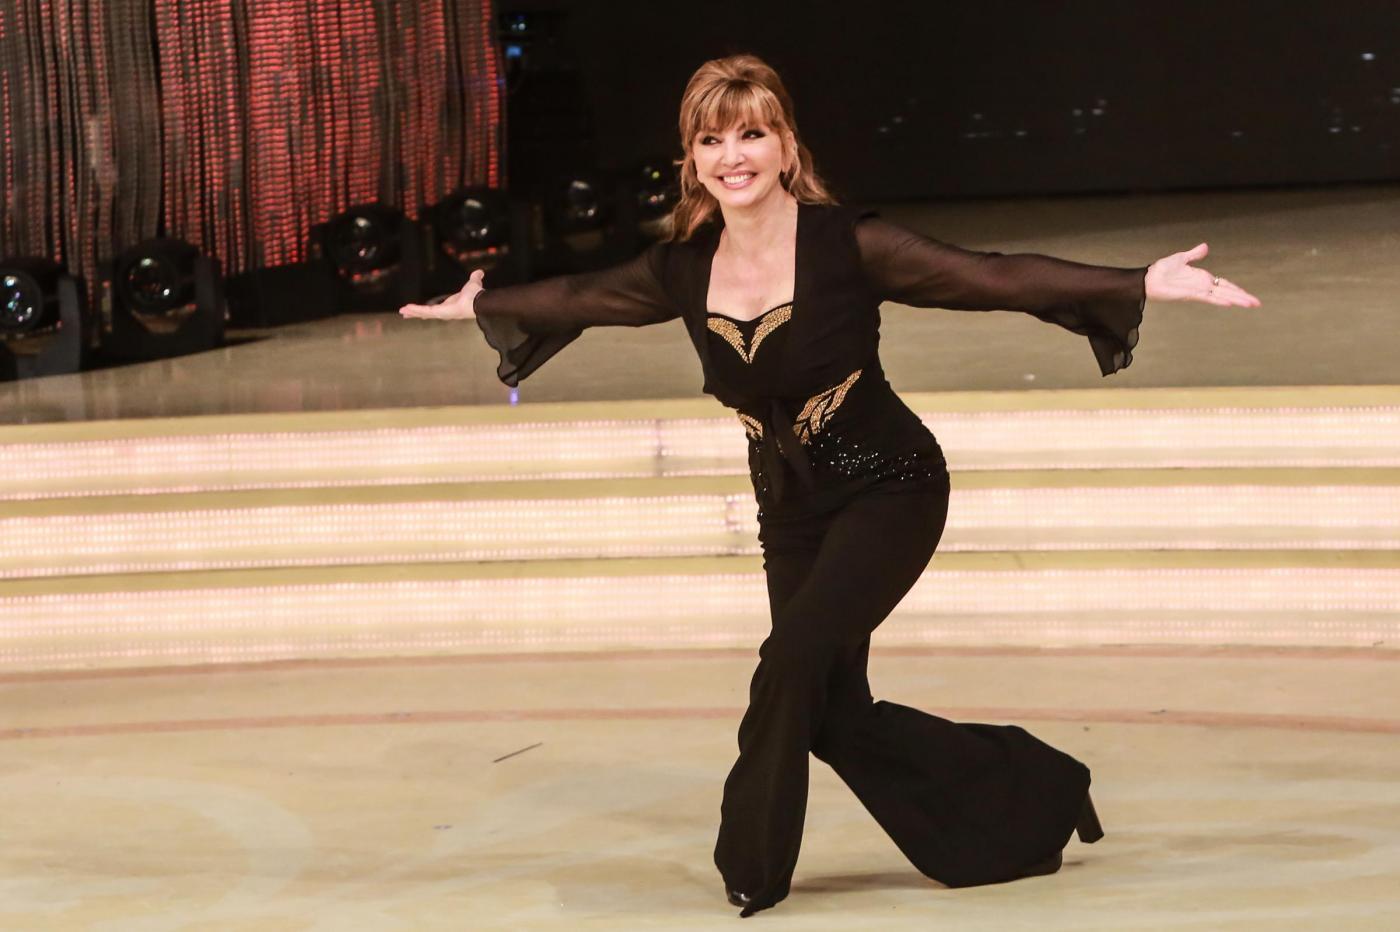 Milly Carlucci giurata da Maria De Filippi? 'Per una sera sarebbe divertente'